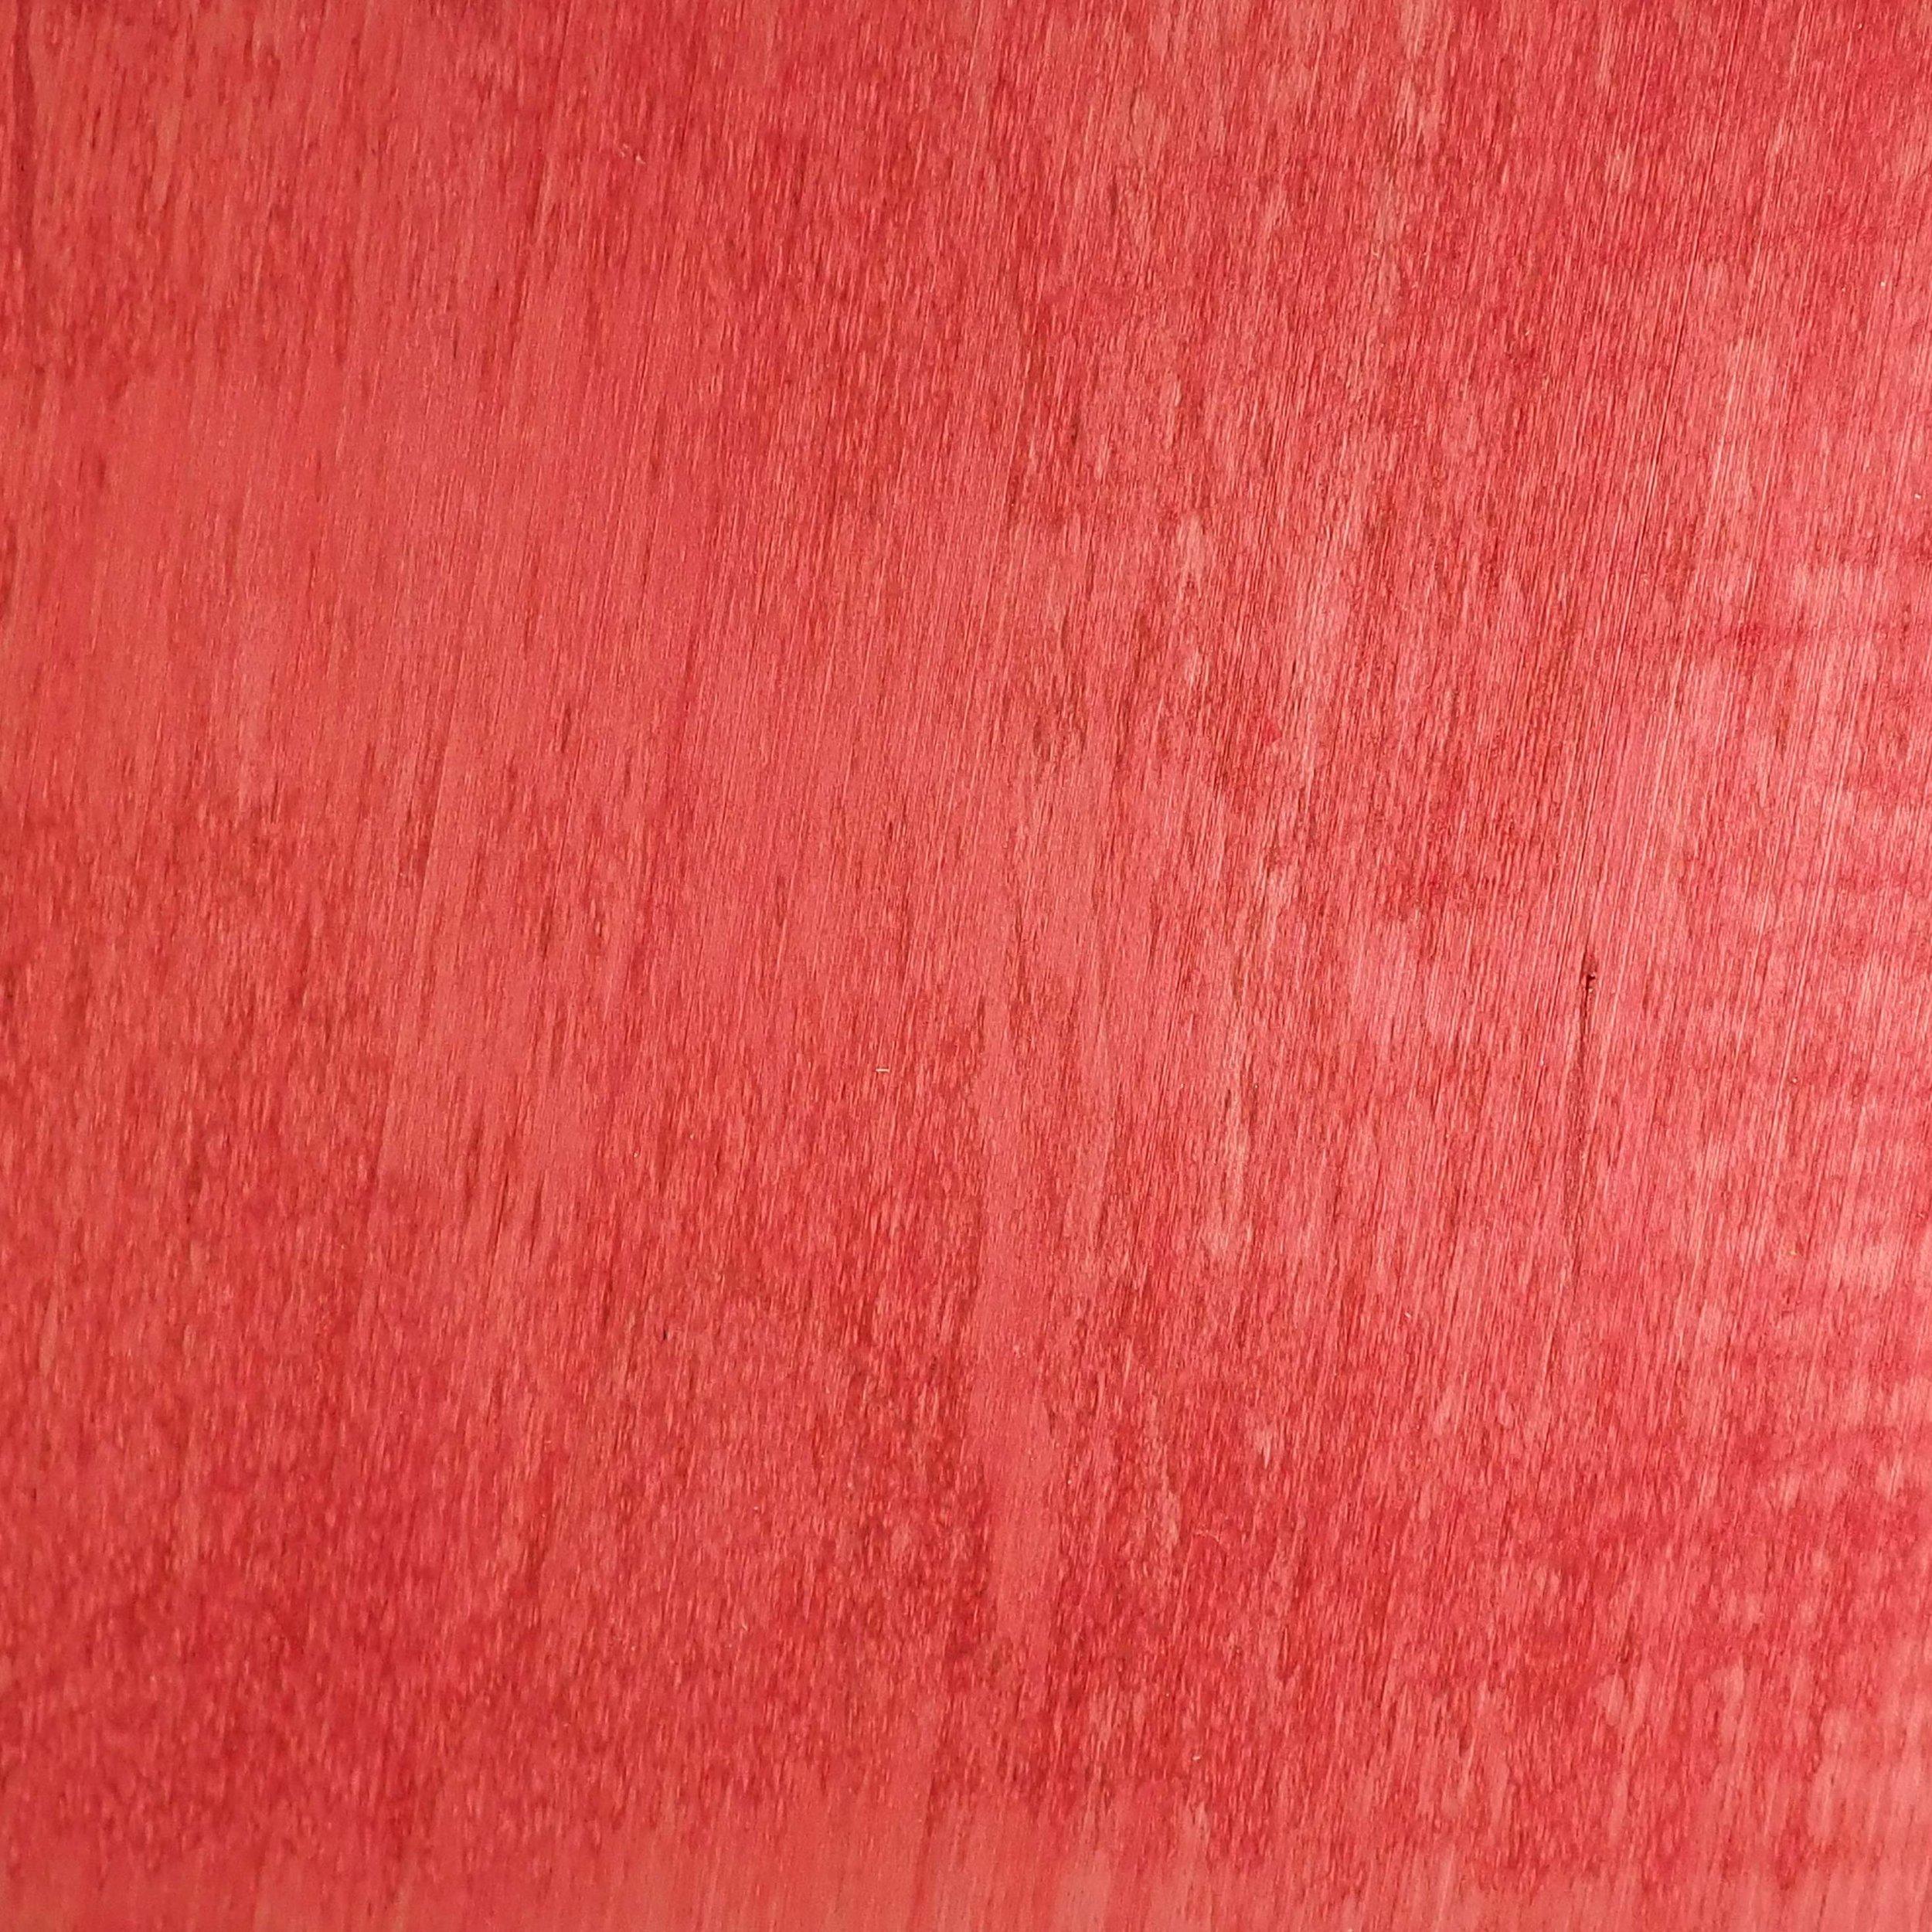 Red, Cherry